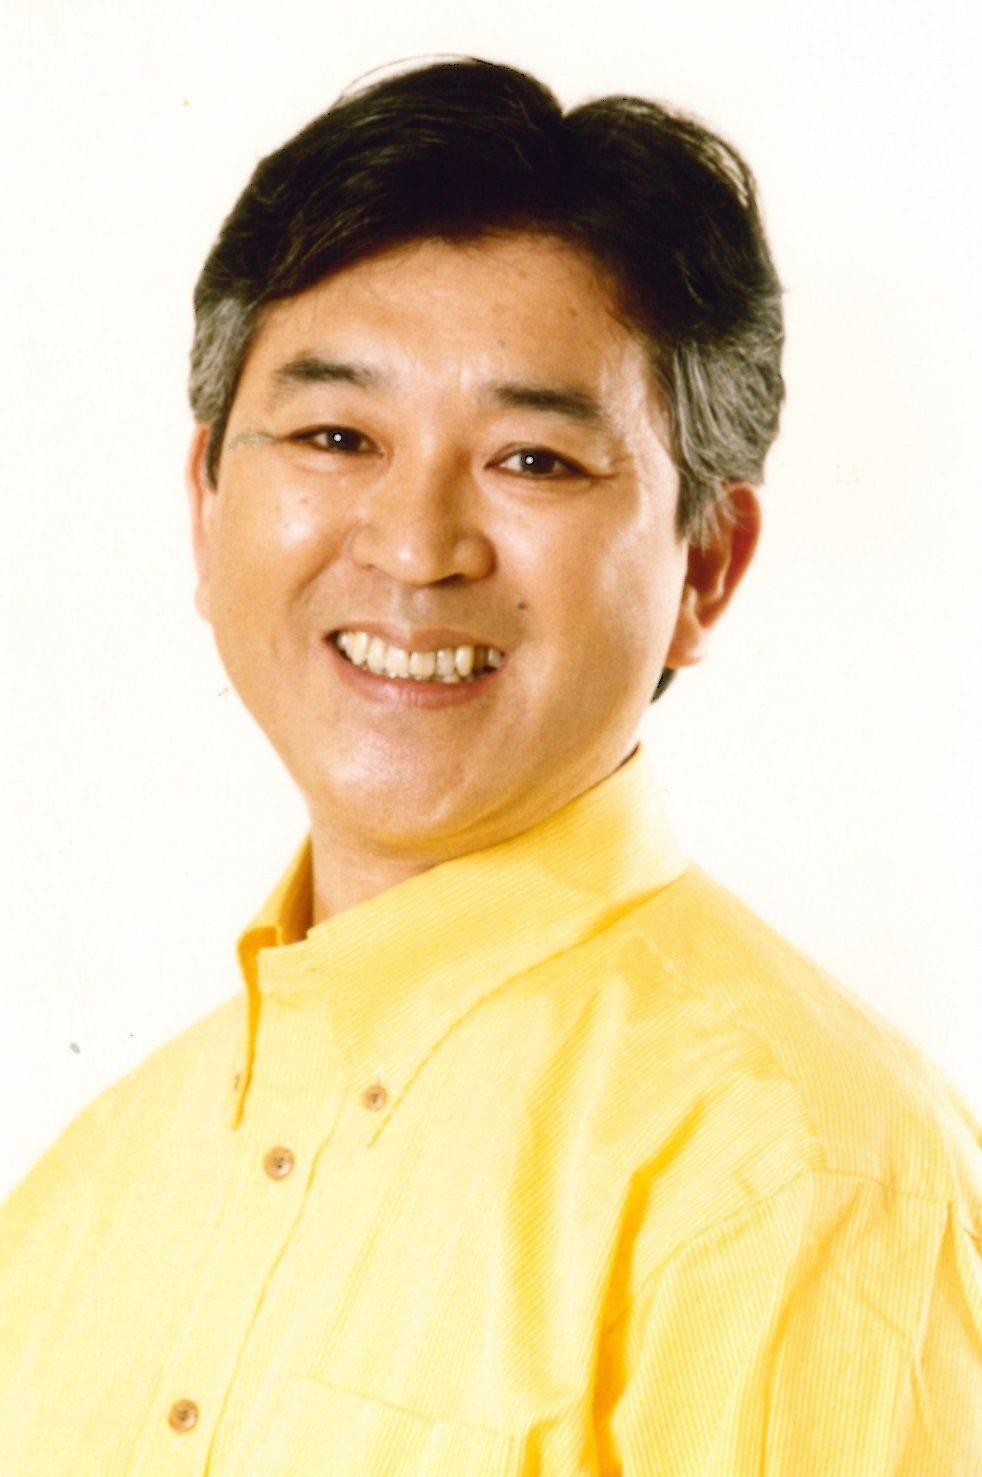 File:MasayukiOmoro.png